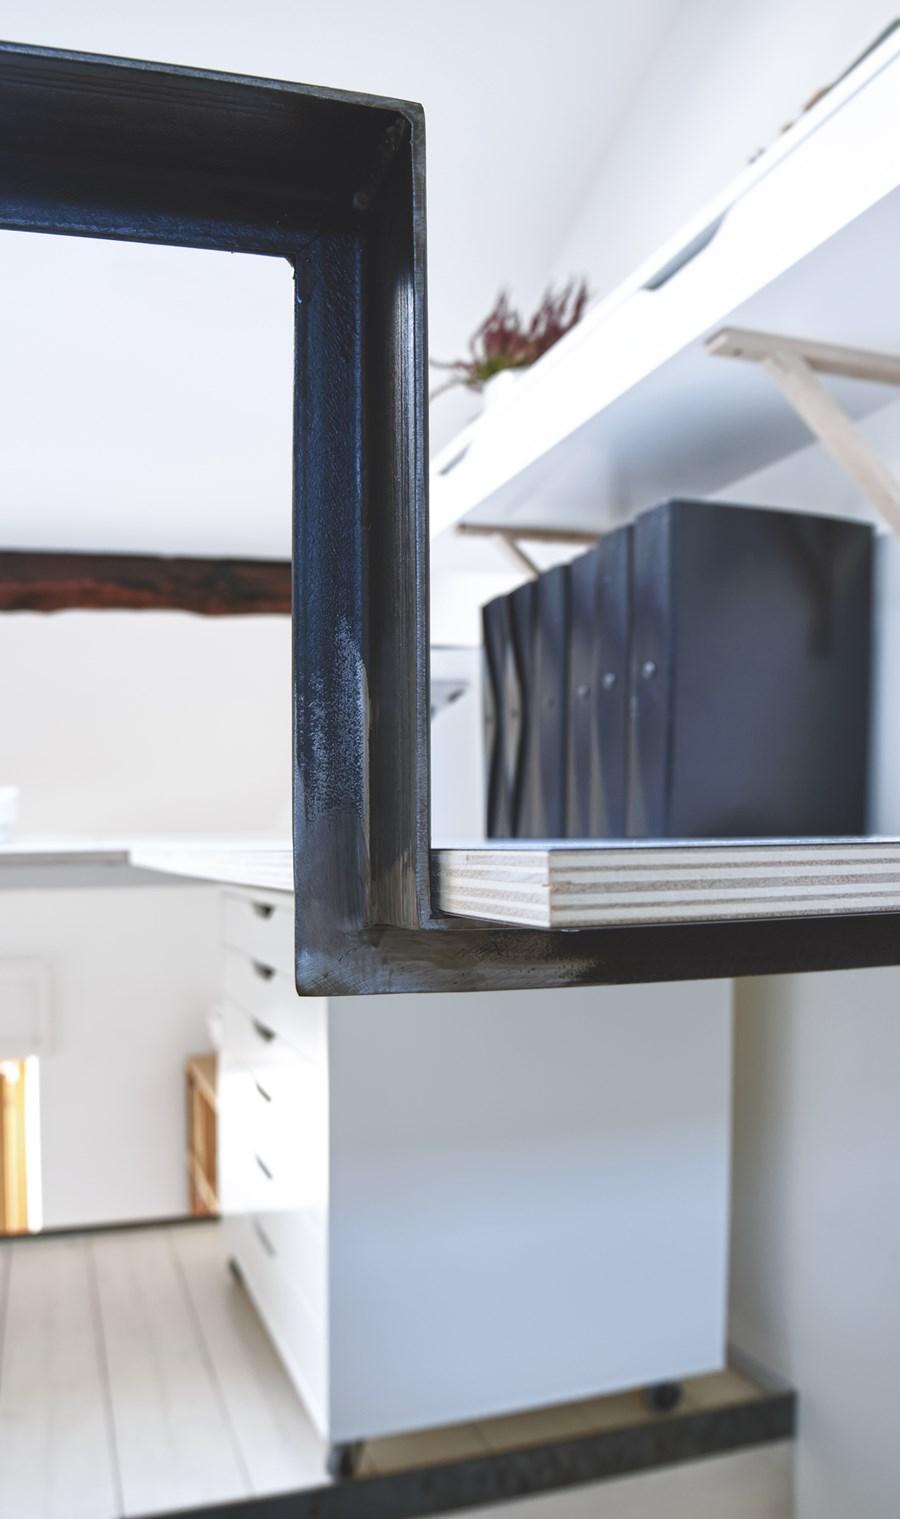 CPR attic refurbishment and extension by Piùerre 13